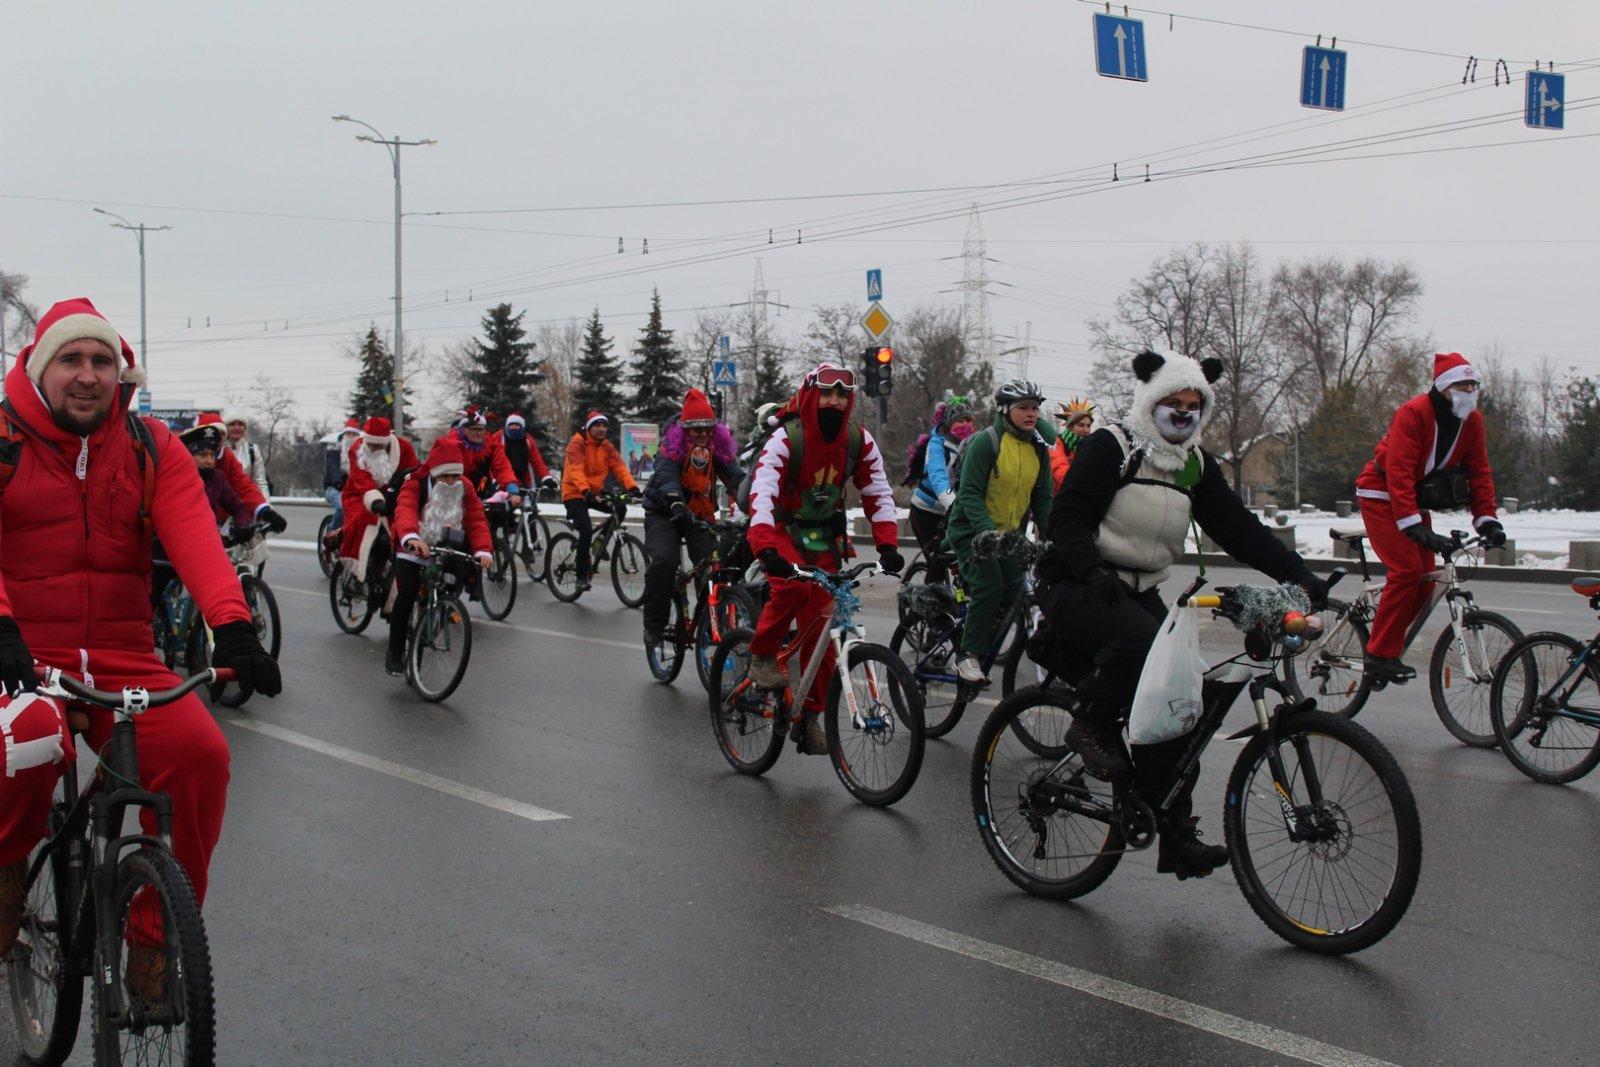 Деды Морозы, свинки и пираты: как в Запорожье прошел предновогодний велопарад – ФОТО, ВИДЕО